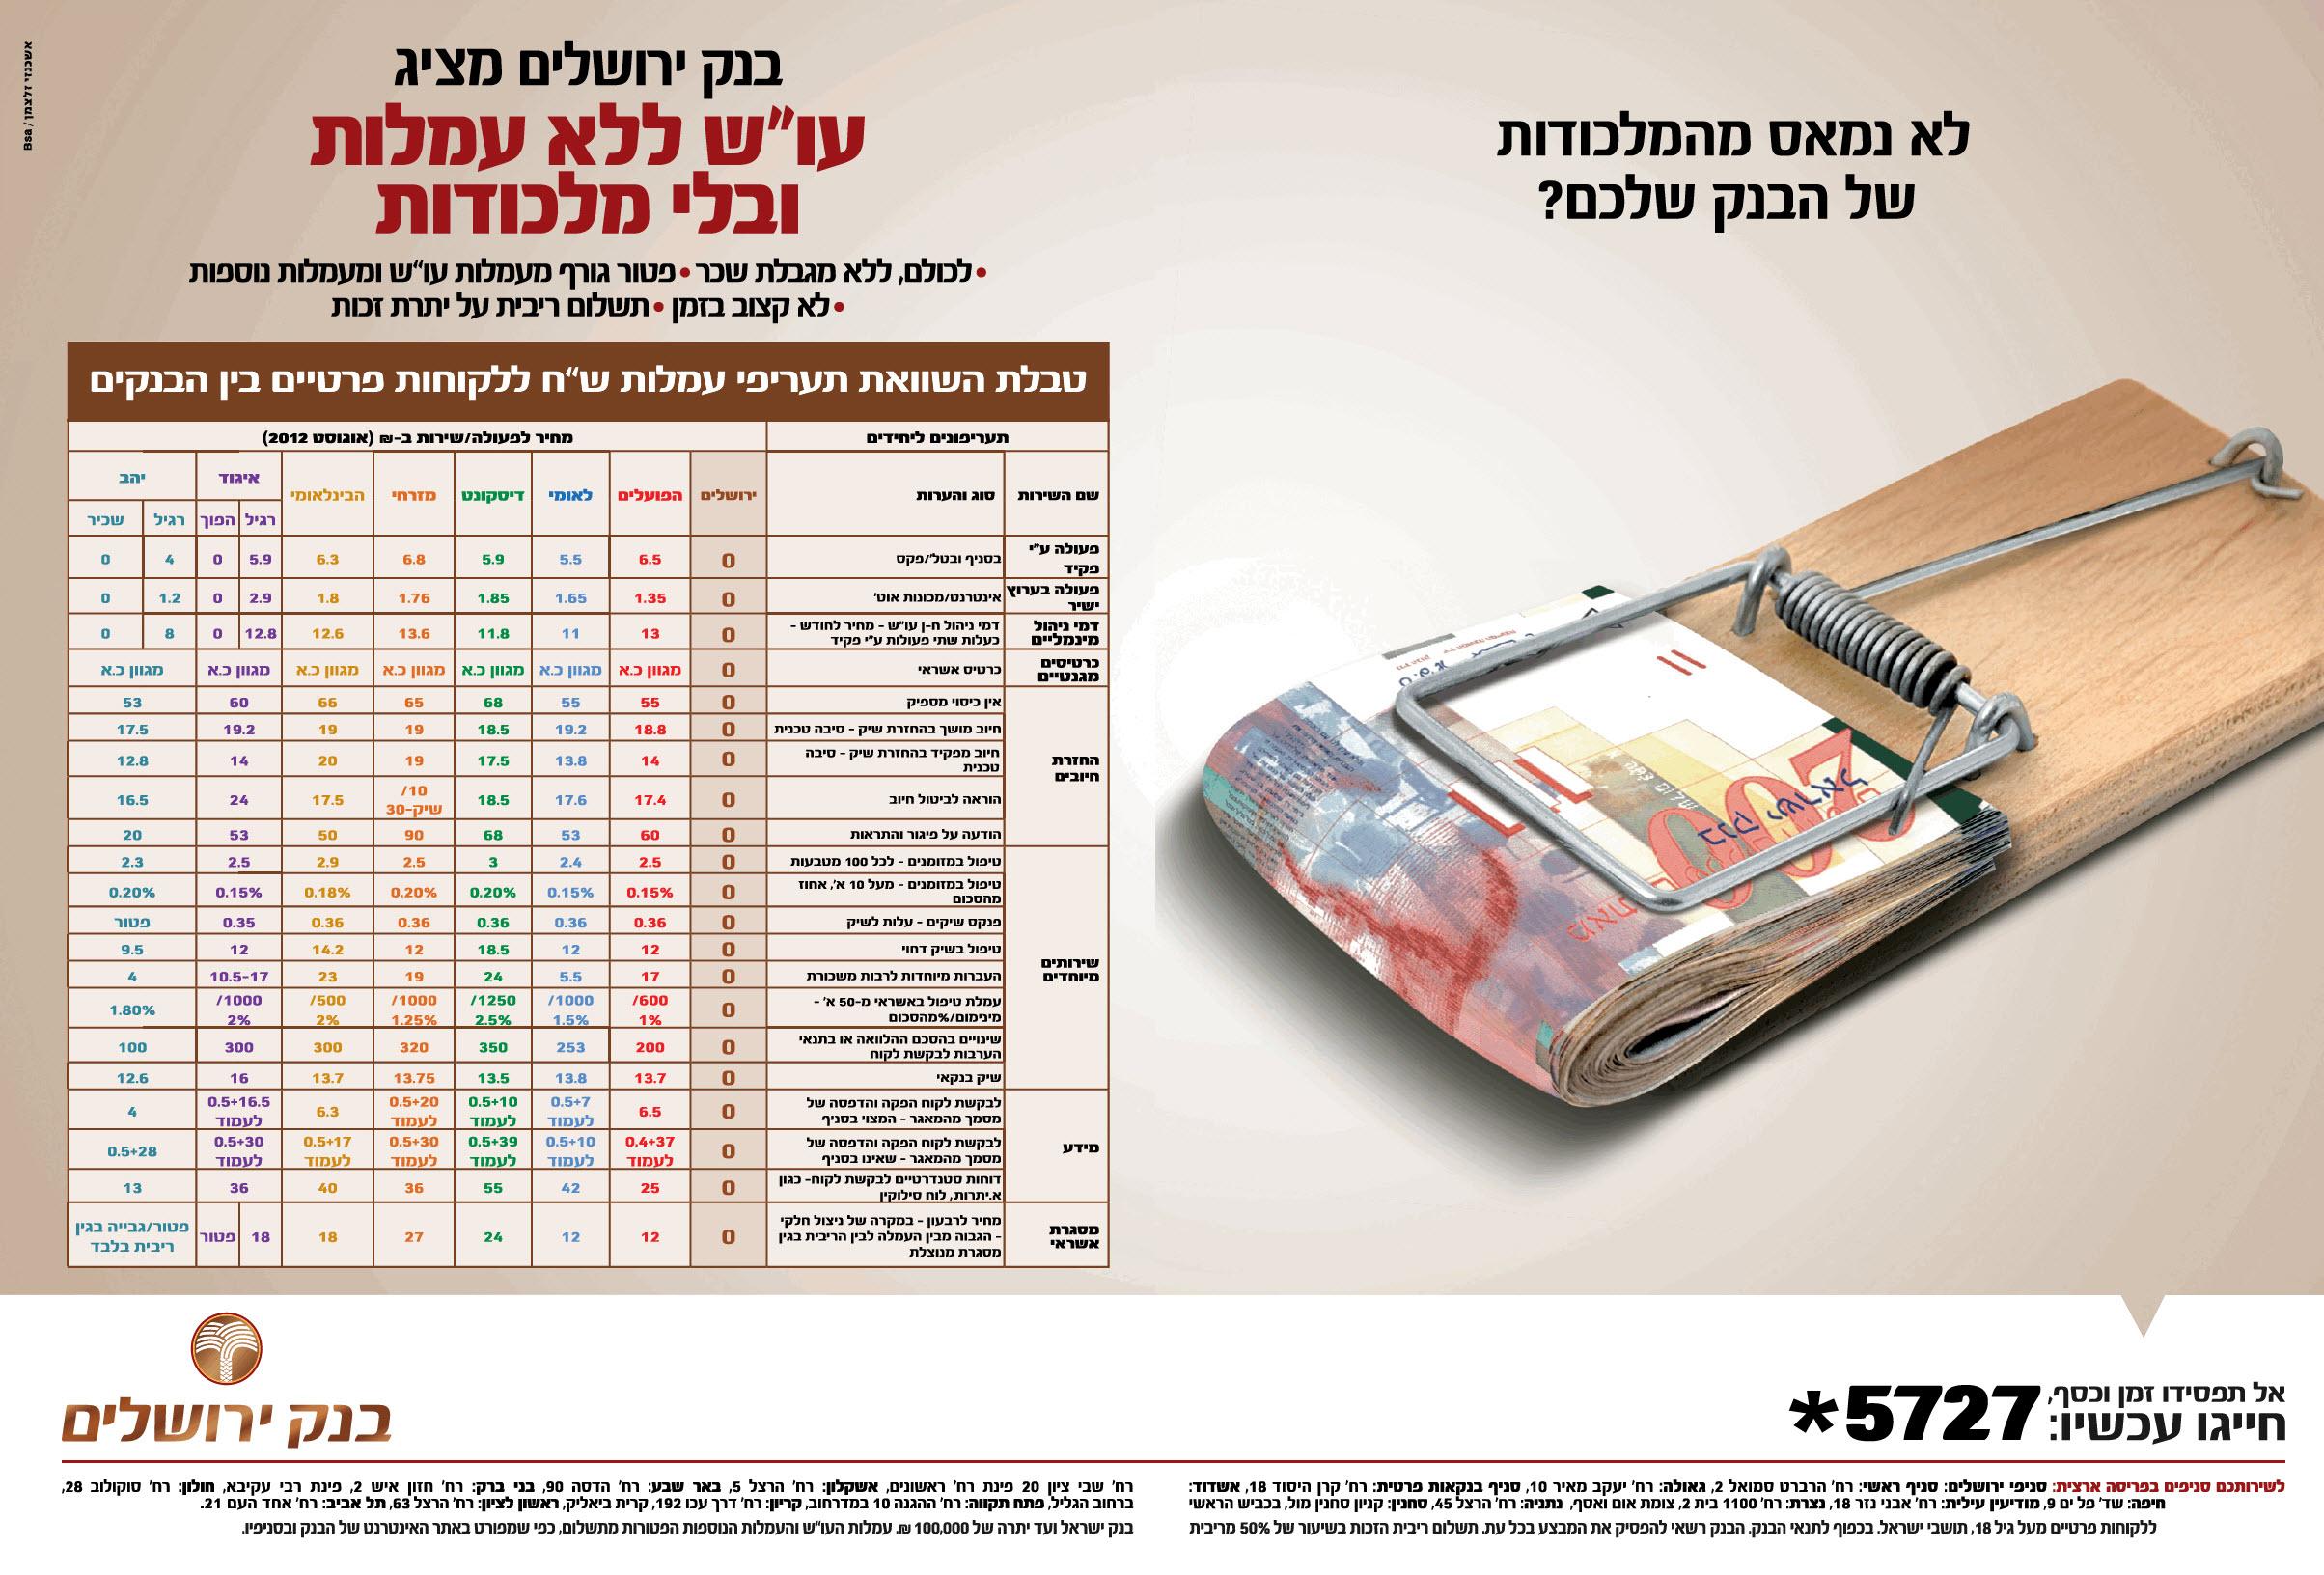 """בנק ירושלים מציג – עו""""ש ללא עמלות לכולם"""